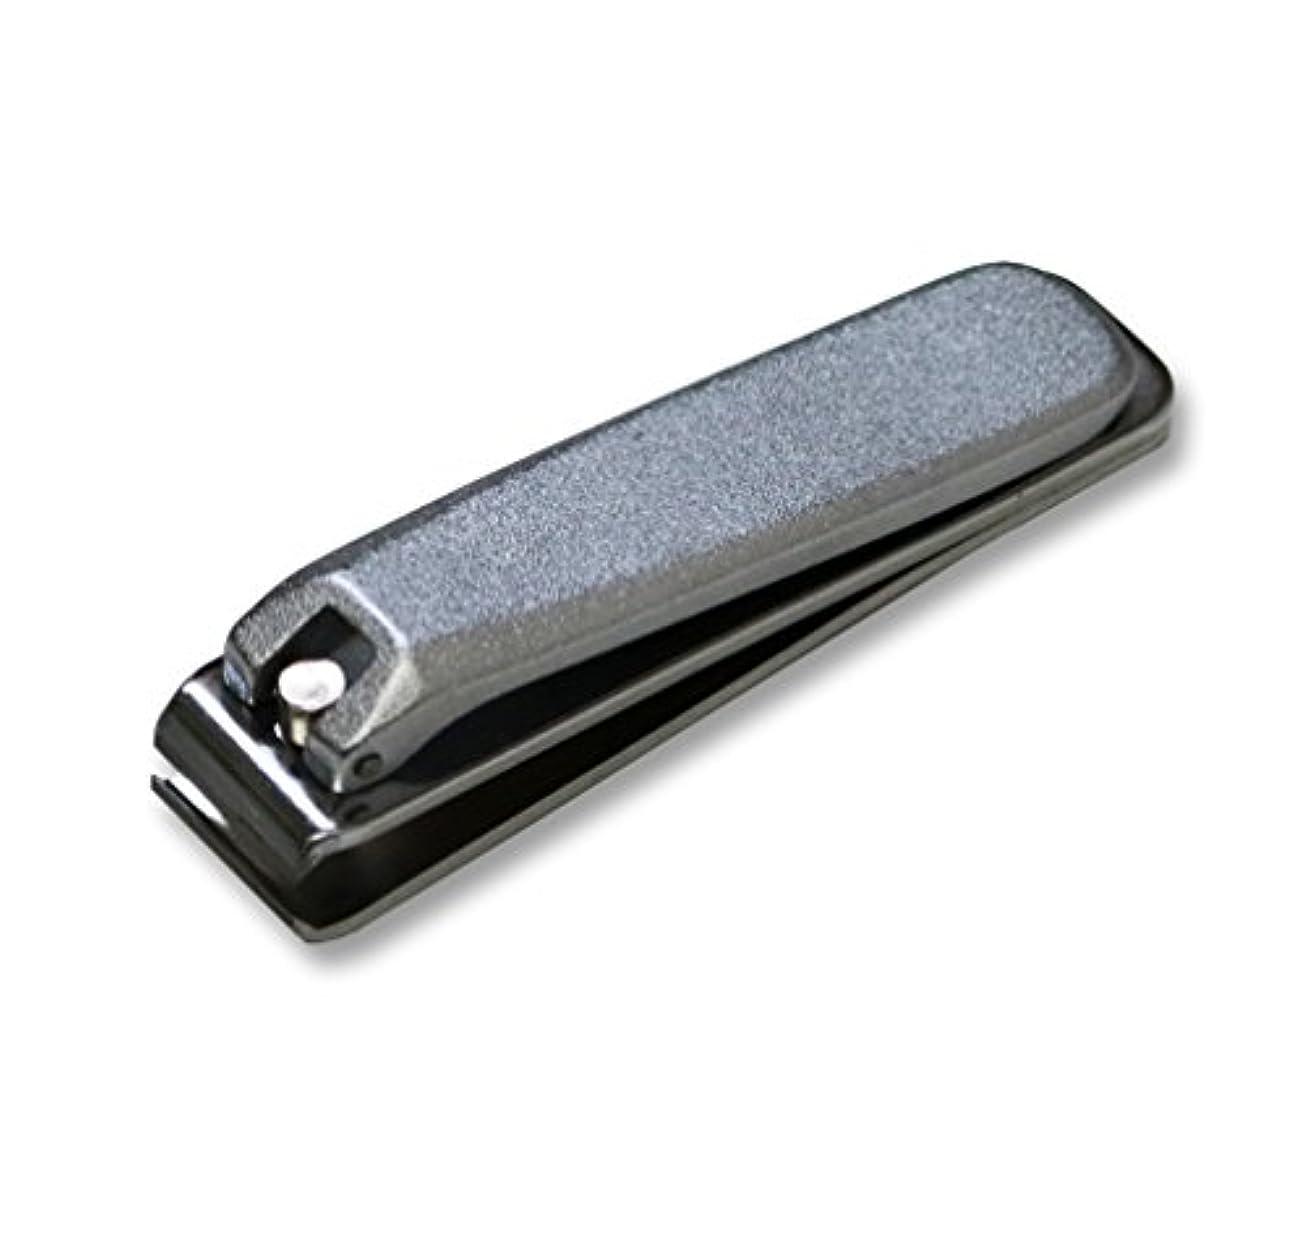 スプレー保護別れるKD-033 関の刃物 クローム爪切 直刃 大 カバー無